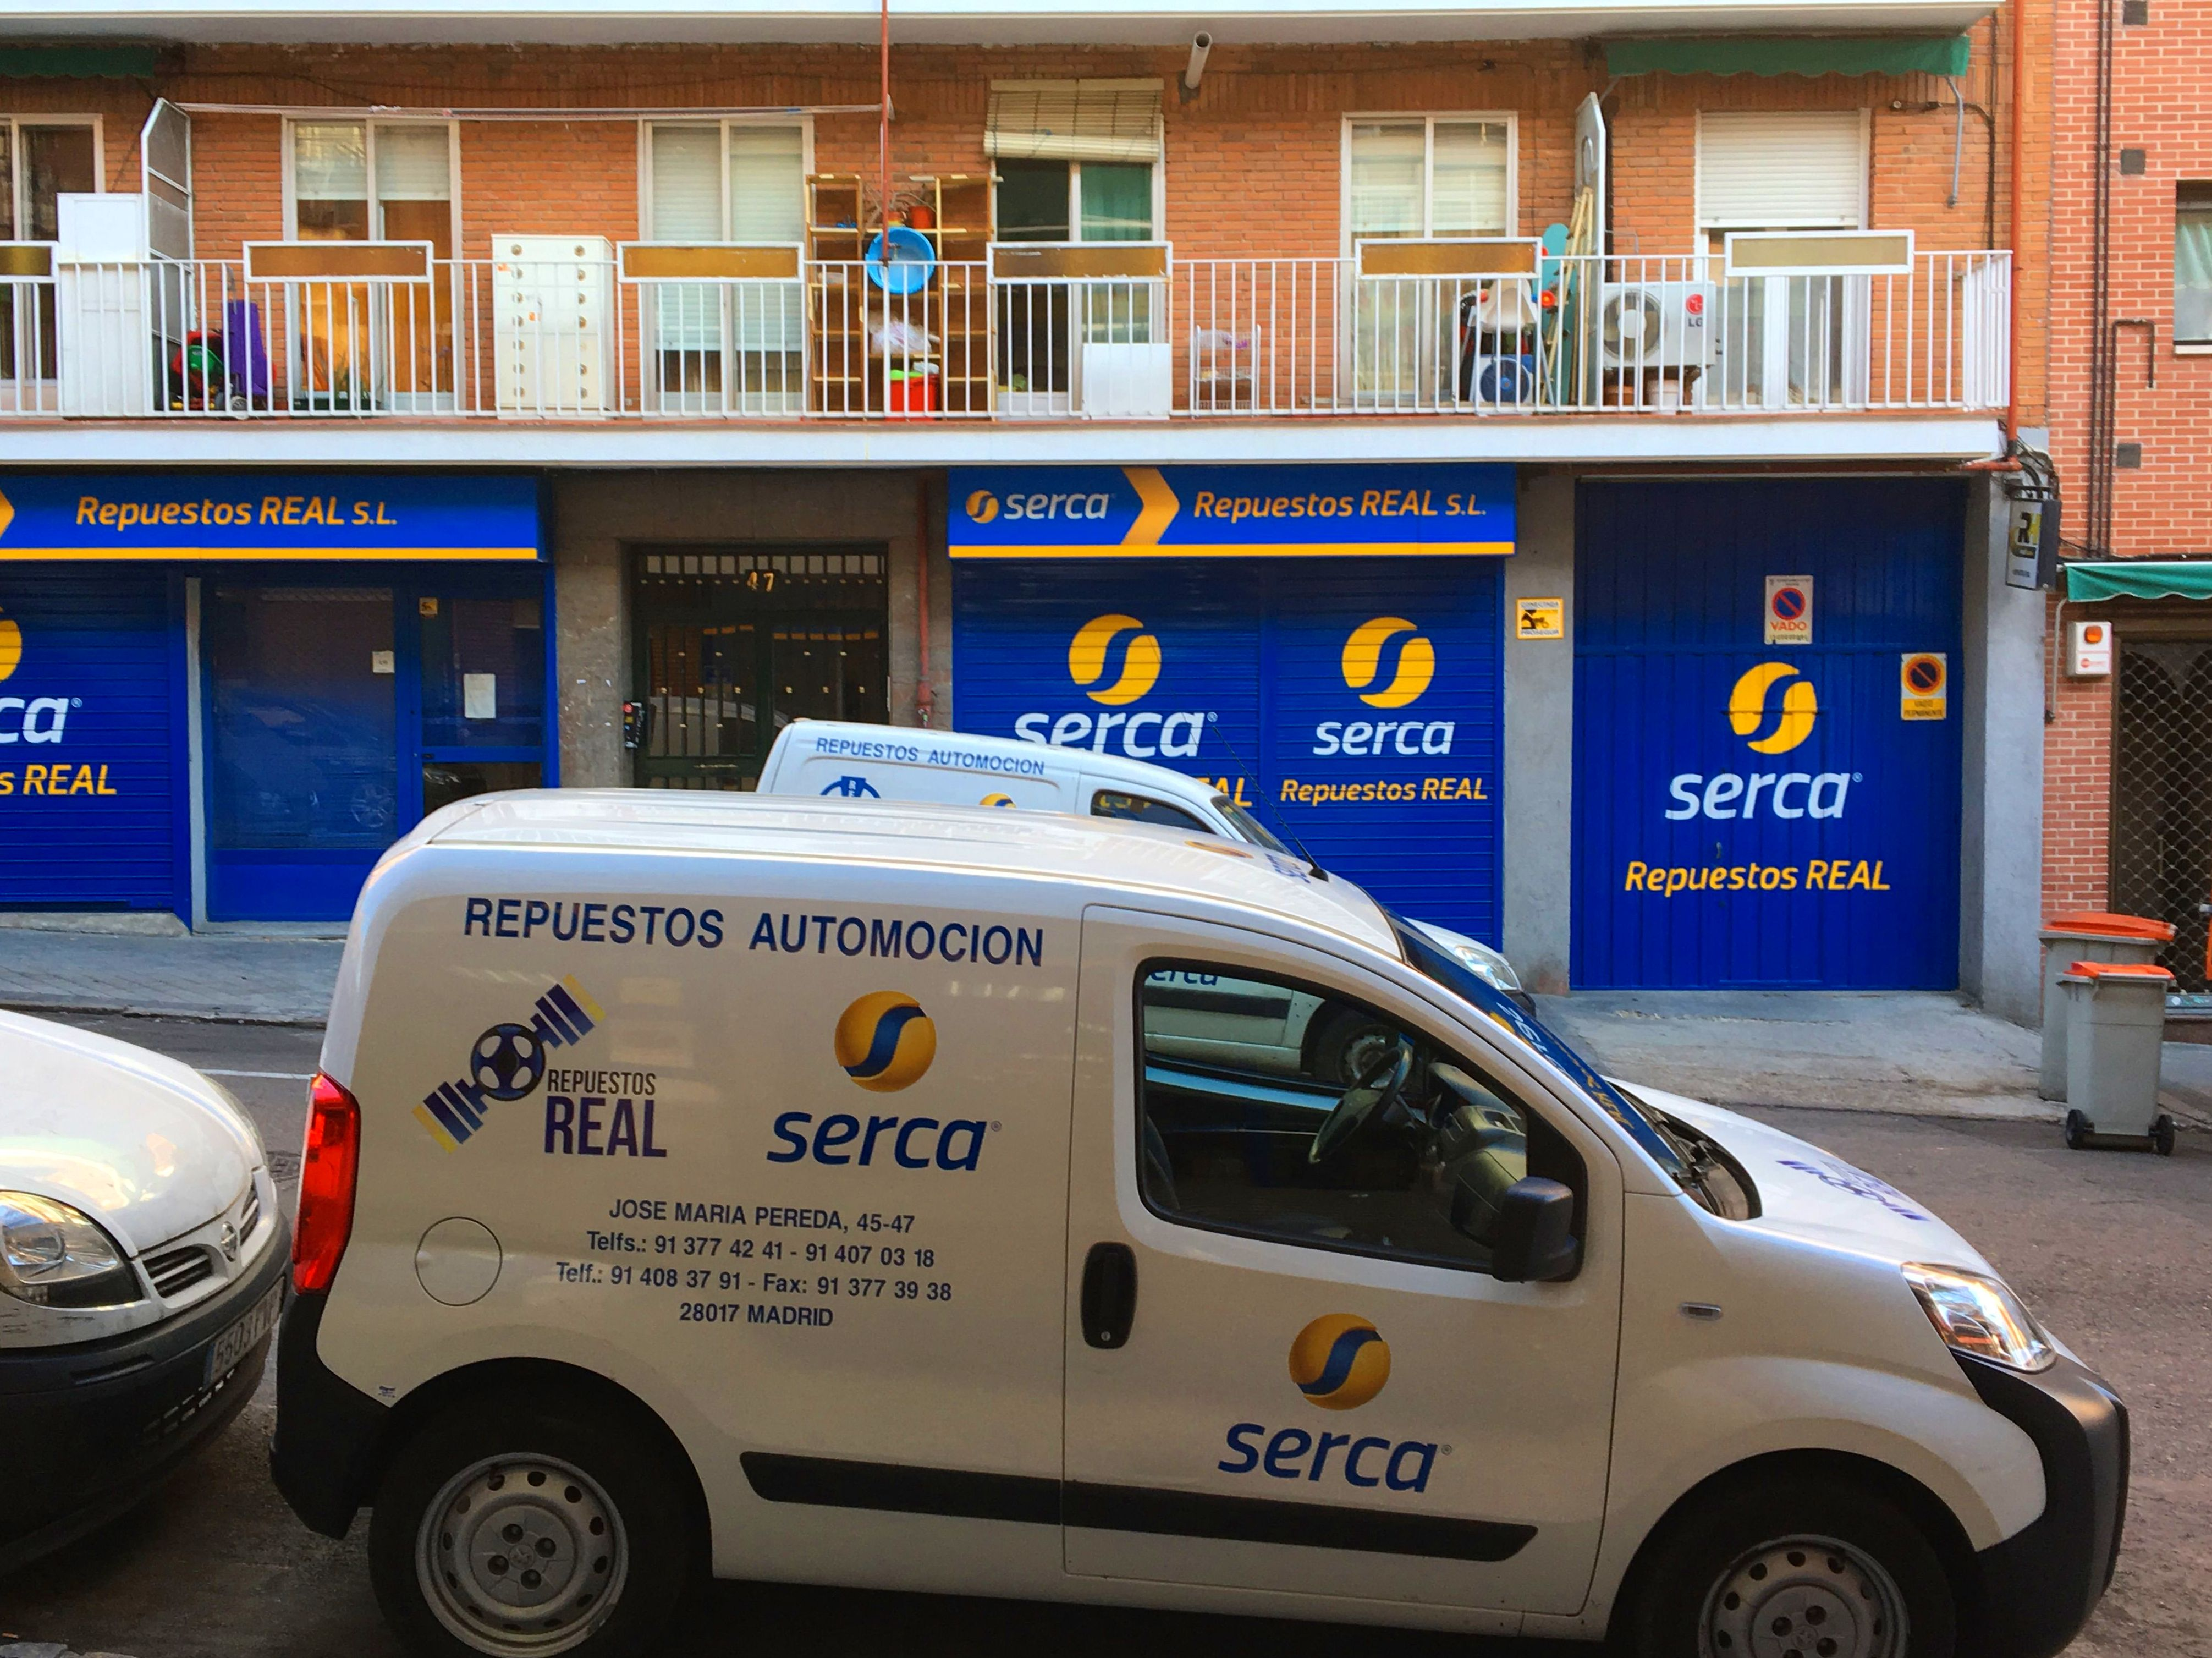 Foto 1 de Recambios y accesorios del automóvil en Madrid | Repuestos Real, S.L.